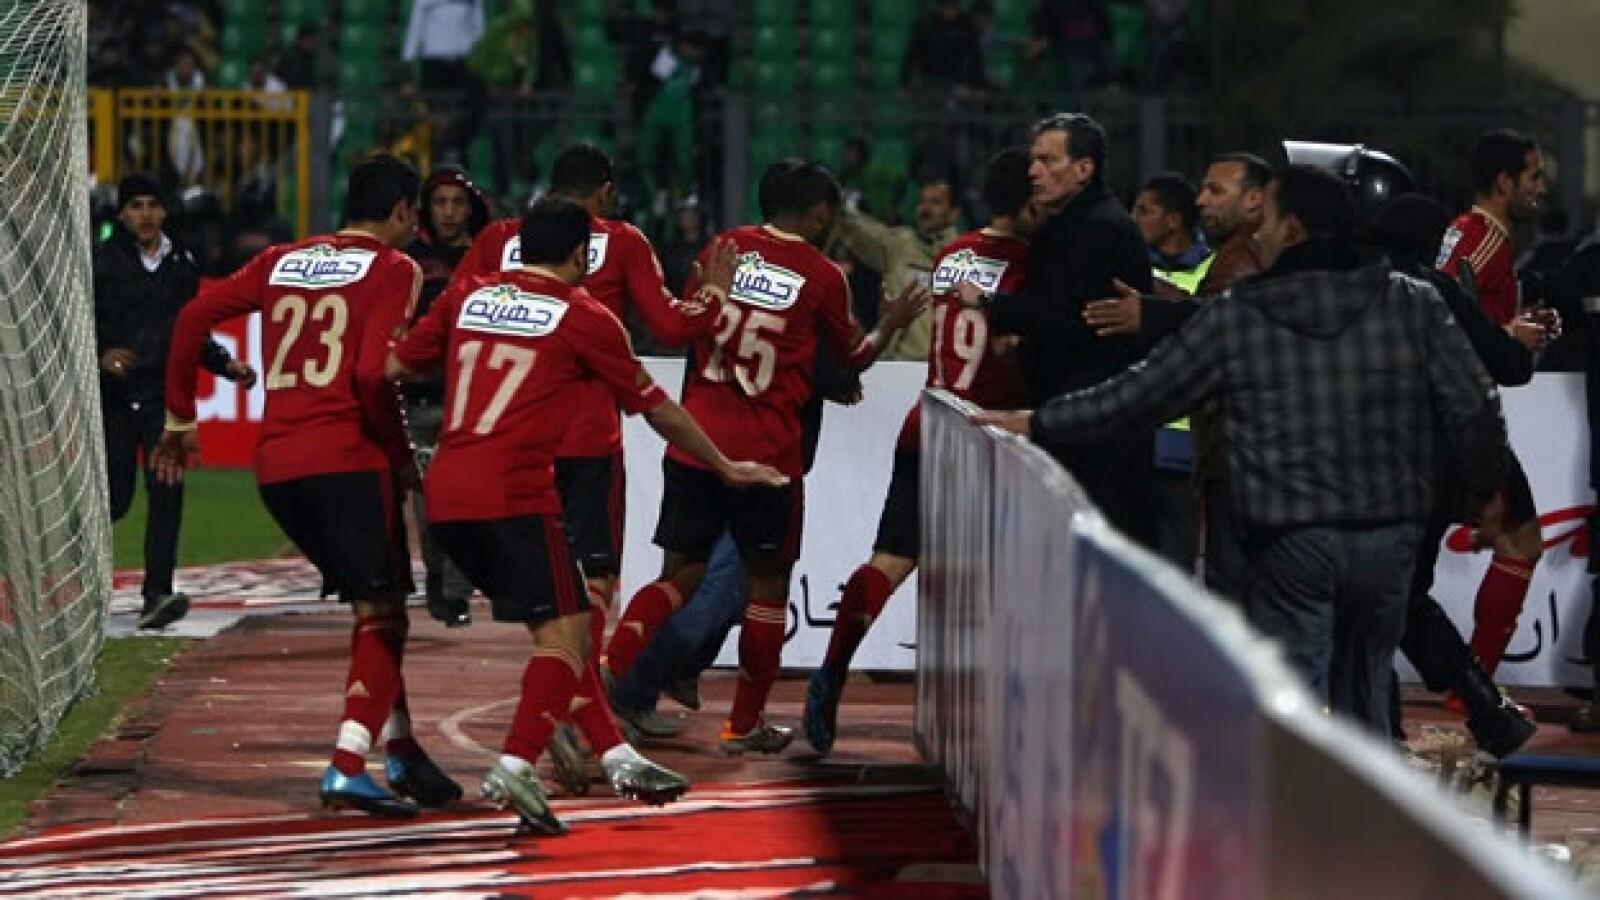 Aficionados de futbol protagonizan disturbios